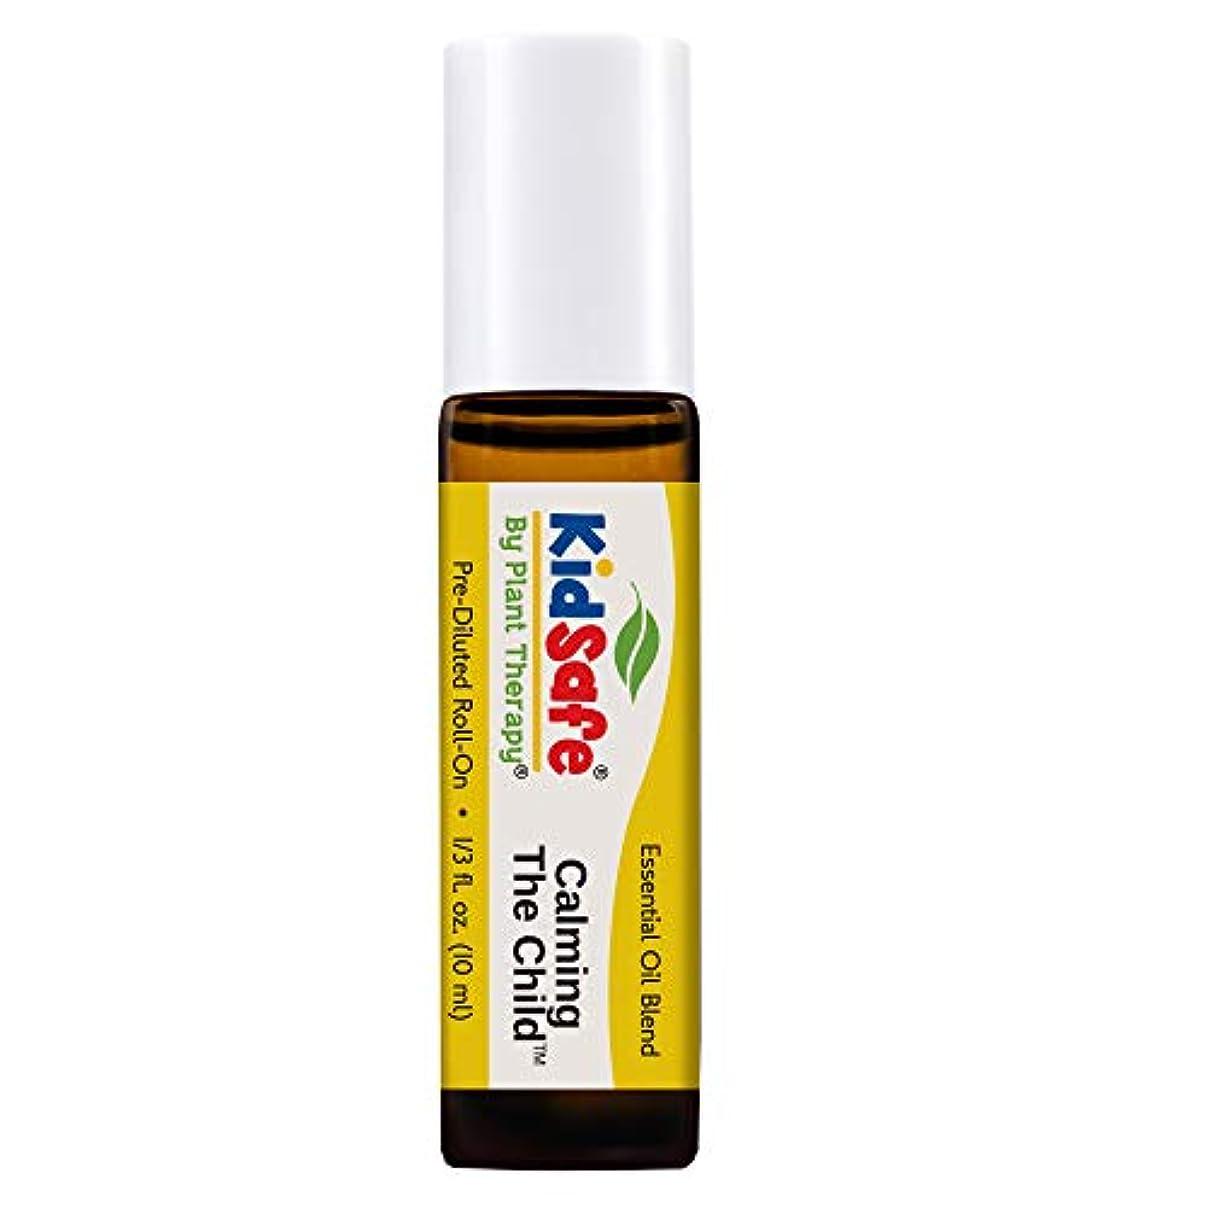 胴体失態おびえたPlant Therapy Essential Oils (プラントセラピー エッセンシャルオイル) カルミング チャイルド (子供を落ち着かせる) シネジー 希釈済みエッセンシャルオイル ロールオン10 ml (1/3...